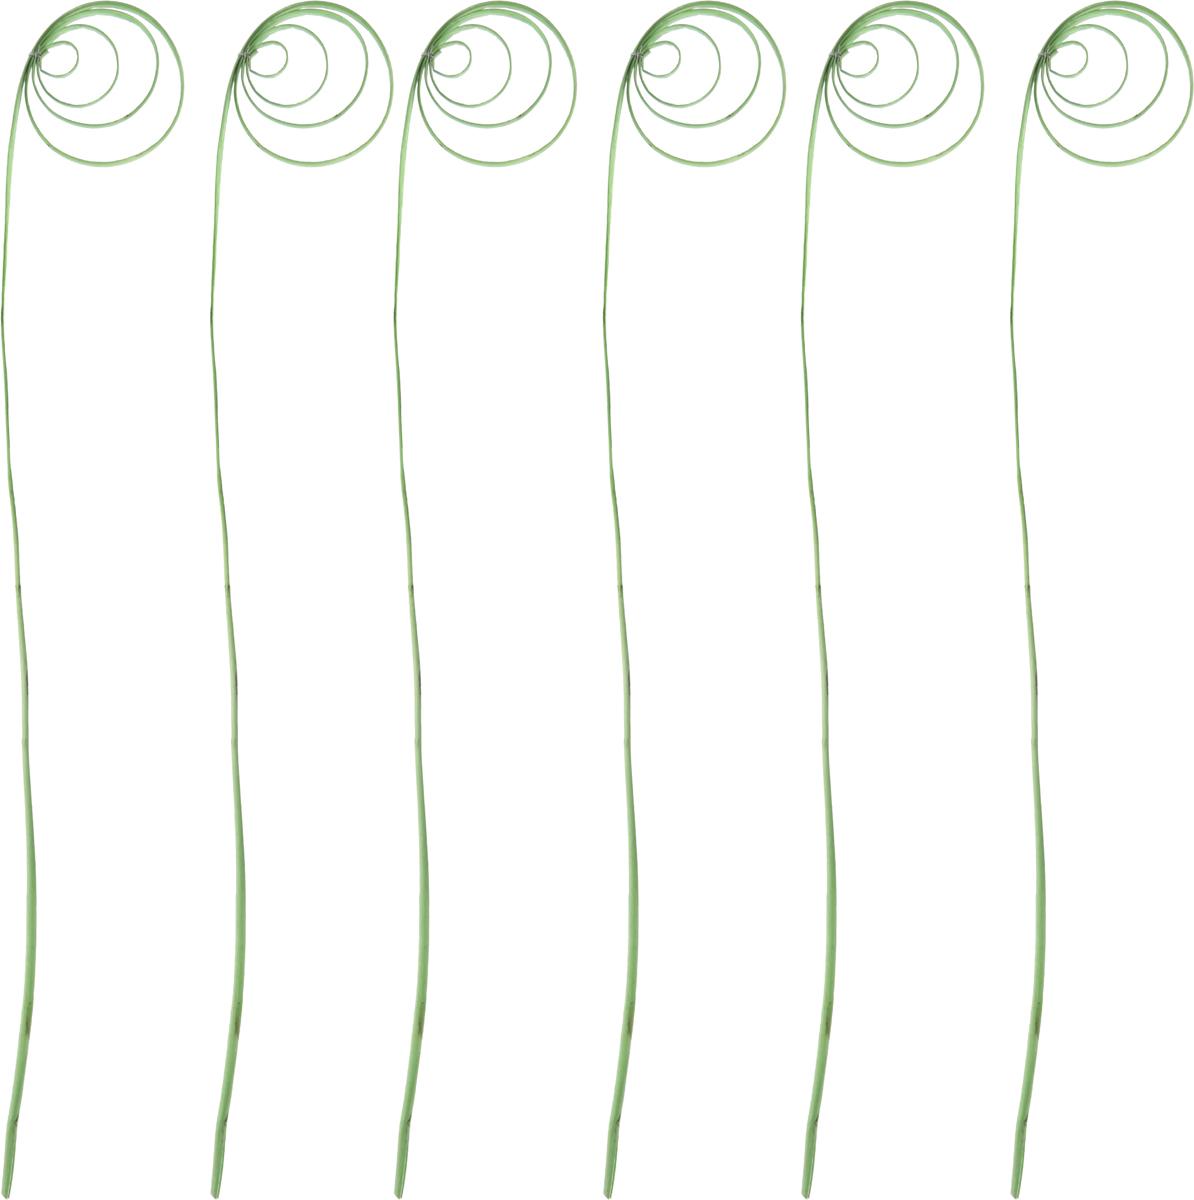 Украшение декоративное Lovemark Завиток. Спираль, цвет: салатовый, 6 шт6060_салатовыйУкрашение декоративное Lovemark Завиток. Спираль - великолепный подарок себе и вашим близким. Этот очаровательный предмет интерьера будет приковывать взгляды ваших гостей.Изделия из соломки несут в себе энергию солнечных лучей. Несмотря на свой хрупкий вид, солома - прочный и долговечный материал, а значит не помнется и не поломается со временем. Рекомендации по уходу: изделие должно находиться в сухом помещении.В комплект входят 6 украшений.Высота украшения: 66 см.